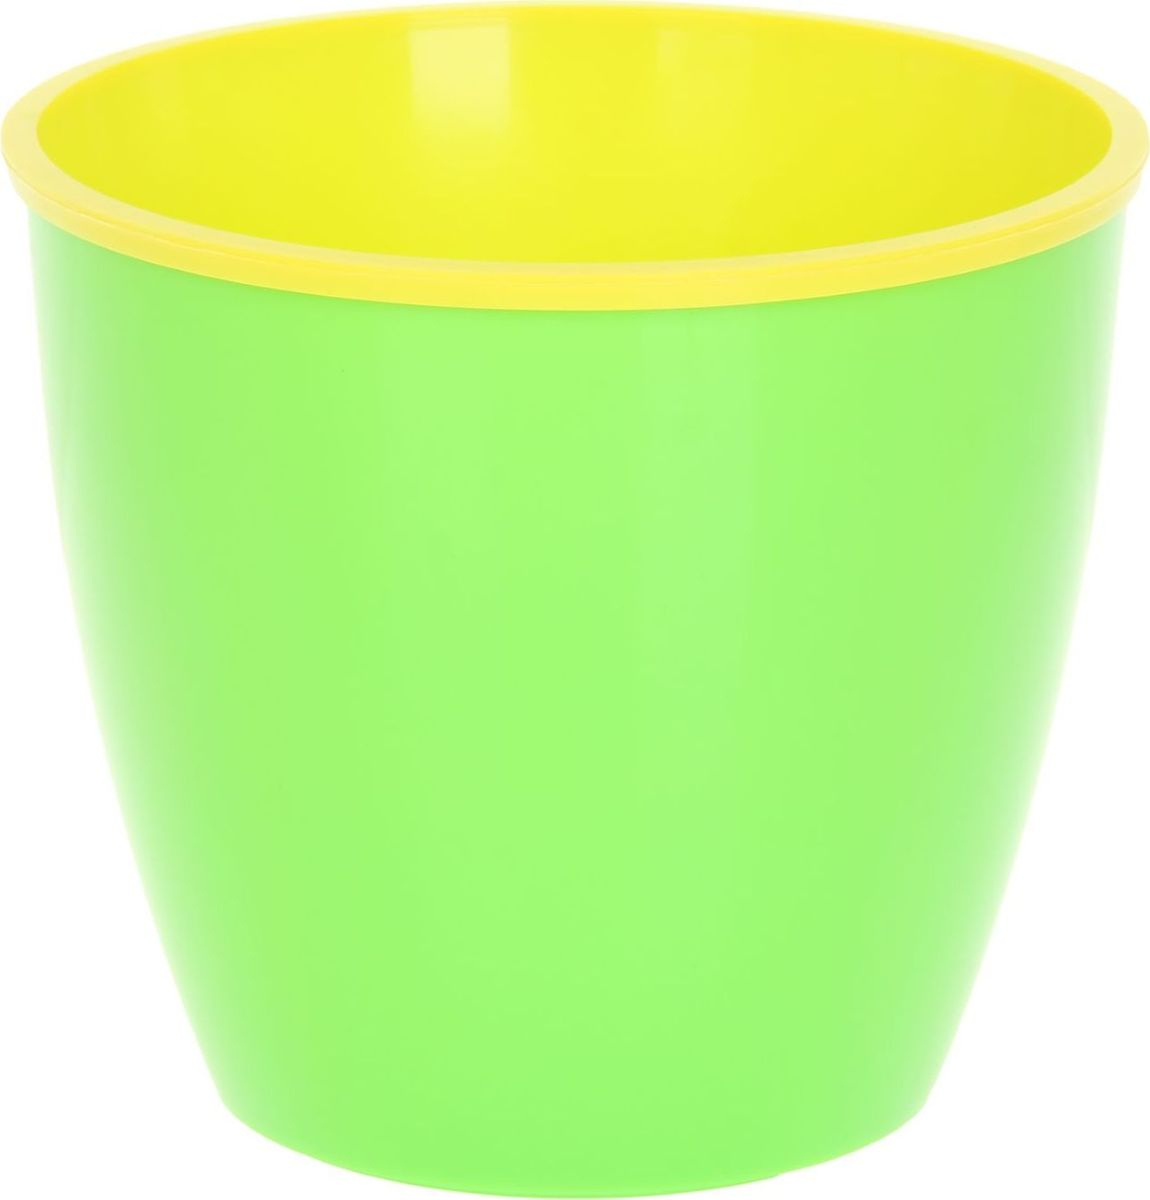 Горшок для цветов ТЕК.А.ТЕК Les Couleurs, цвет: зеленый, желтый, 6,5 л1147183Любой, даже самый современный и продуманный интерьер будет не завершённым без растений. Они не только очищают воздух и насыщают его кислородом, но и заметно украшают окружающее пространство. Такому полезному &laquo члену семьи&raquoпросто необходимо красивое и функциональное кашпо, оригинальный горшок или необычная ваза! Мы предлагаем - Горшок для цветов 6,5 л Les Couleurs, цвет зеленый/желтый!Оптимальный выбор материала &mdash &nbsp пластмасса! Почему мы так считаем? Малый вес. С лёгкостью переносите горшки и кашпо с места на место, ставьте их на столики или полки, подвешивайте под потолок, не беспокоясь о нагрузке. Простота ухода. Пластиковые изделия не нуждаются в специальных условиях хранения. Их&nbsp легко чистить &mdashдостаточно просто сполоснуть тёплой водой. Никаких царапин. Пластиковые кашпо не царапают и не загрязняют поверхности, на которых стоят. Пластик дольше хранит влагу, а значит &mdashрастение реже нуждается в поливе. Пластмасса не пропускает воздух &mdashкорневой системе растения не грозят резкие перепады температур. Огромный выбор форм, декора и расцветок &mdashвы без труда подберёте что-то, что идеально впишется в уже существующий интерьер.Соблюдая нехитрые правила ухода, вы можете заметно продлить срок службы горшков, вазонов и кашпо из пластика: всегда учитывайте размер кроны и корневой системы растения (при разрастании большое растение способно повредить маленький горшок)берегите изделие от воздействия прямых солнечных лучей, чтобы кашпо и горшки не выцветалидержите кашпо и горшки из пластика подальше от нагревающихся поверхностей.Создавайте прекрасные цветочные композиции, выращивайте рассаду или необычные растения, а низкие цены позволят вам не ограничивать себя в выборе.